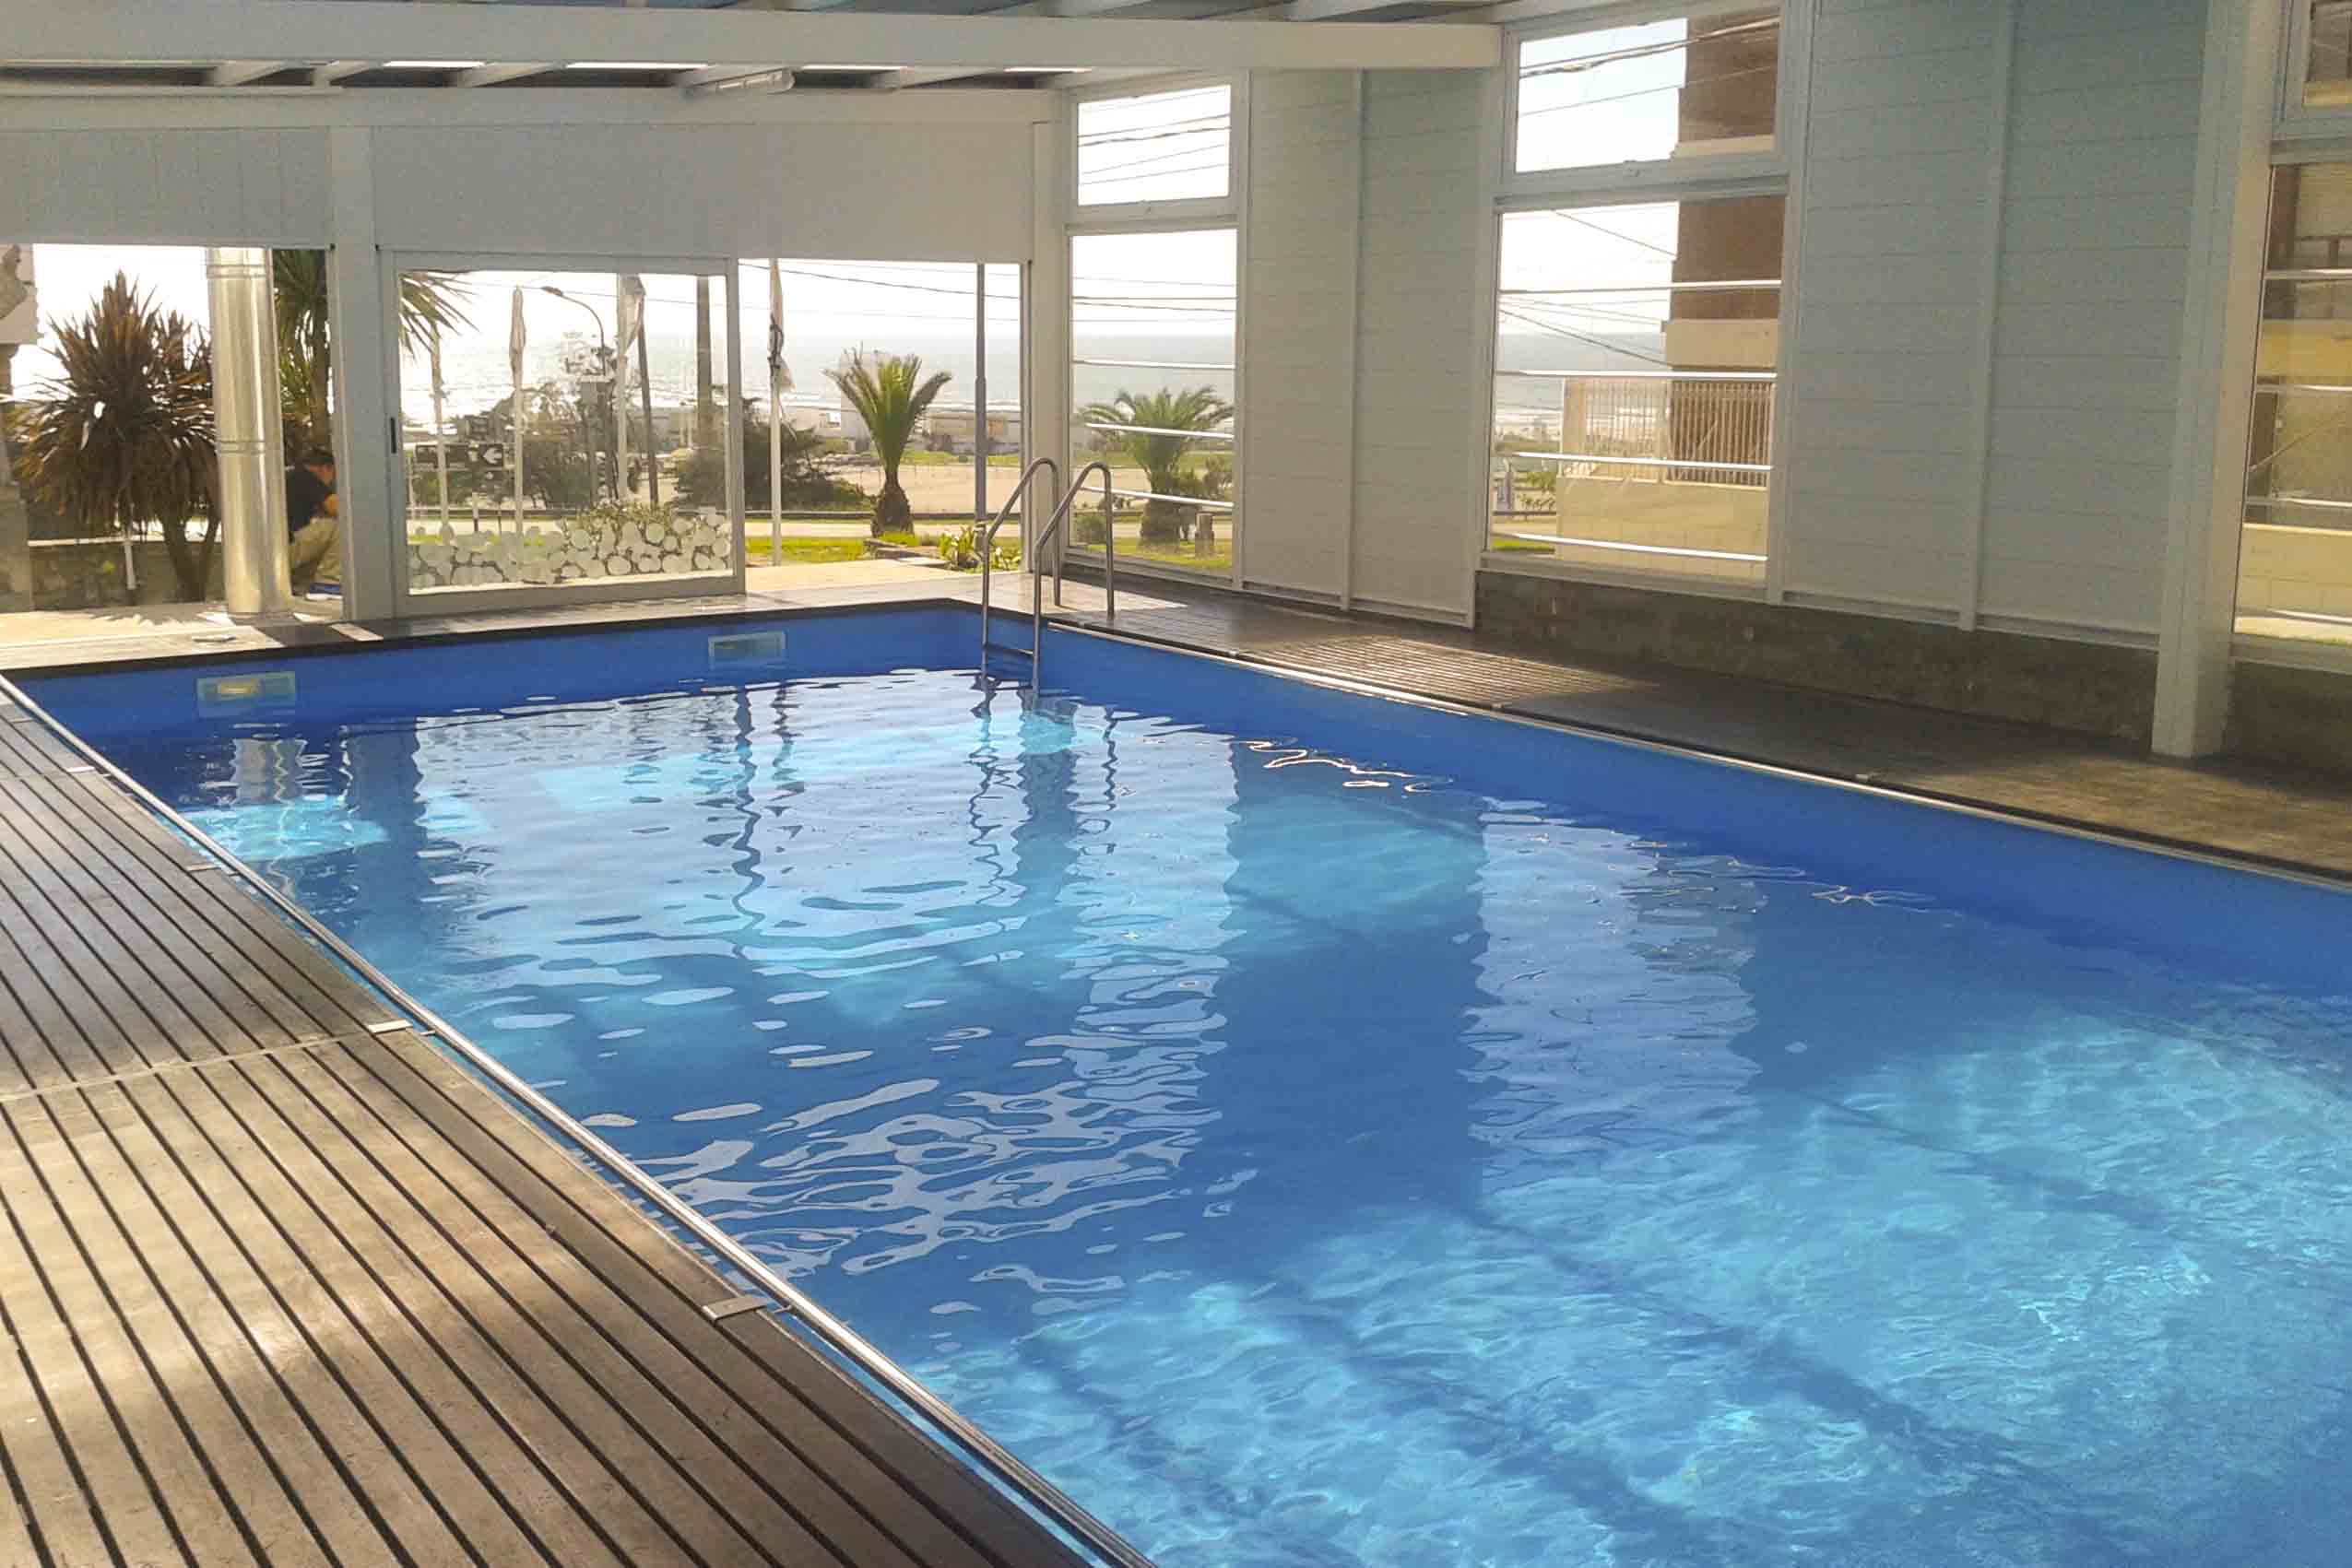 Grand hotel santa teresita mar del plata punta mogotes for Piletas naturales argentina